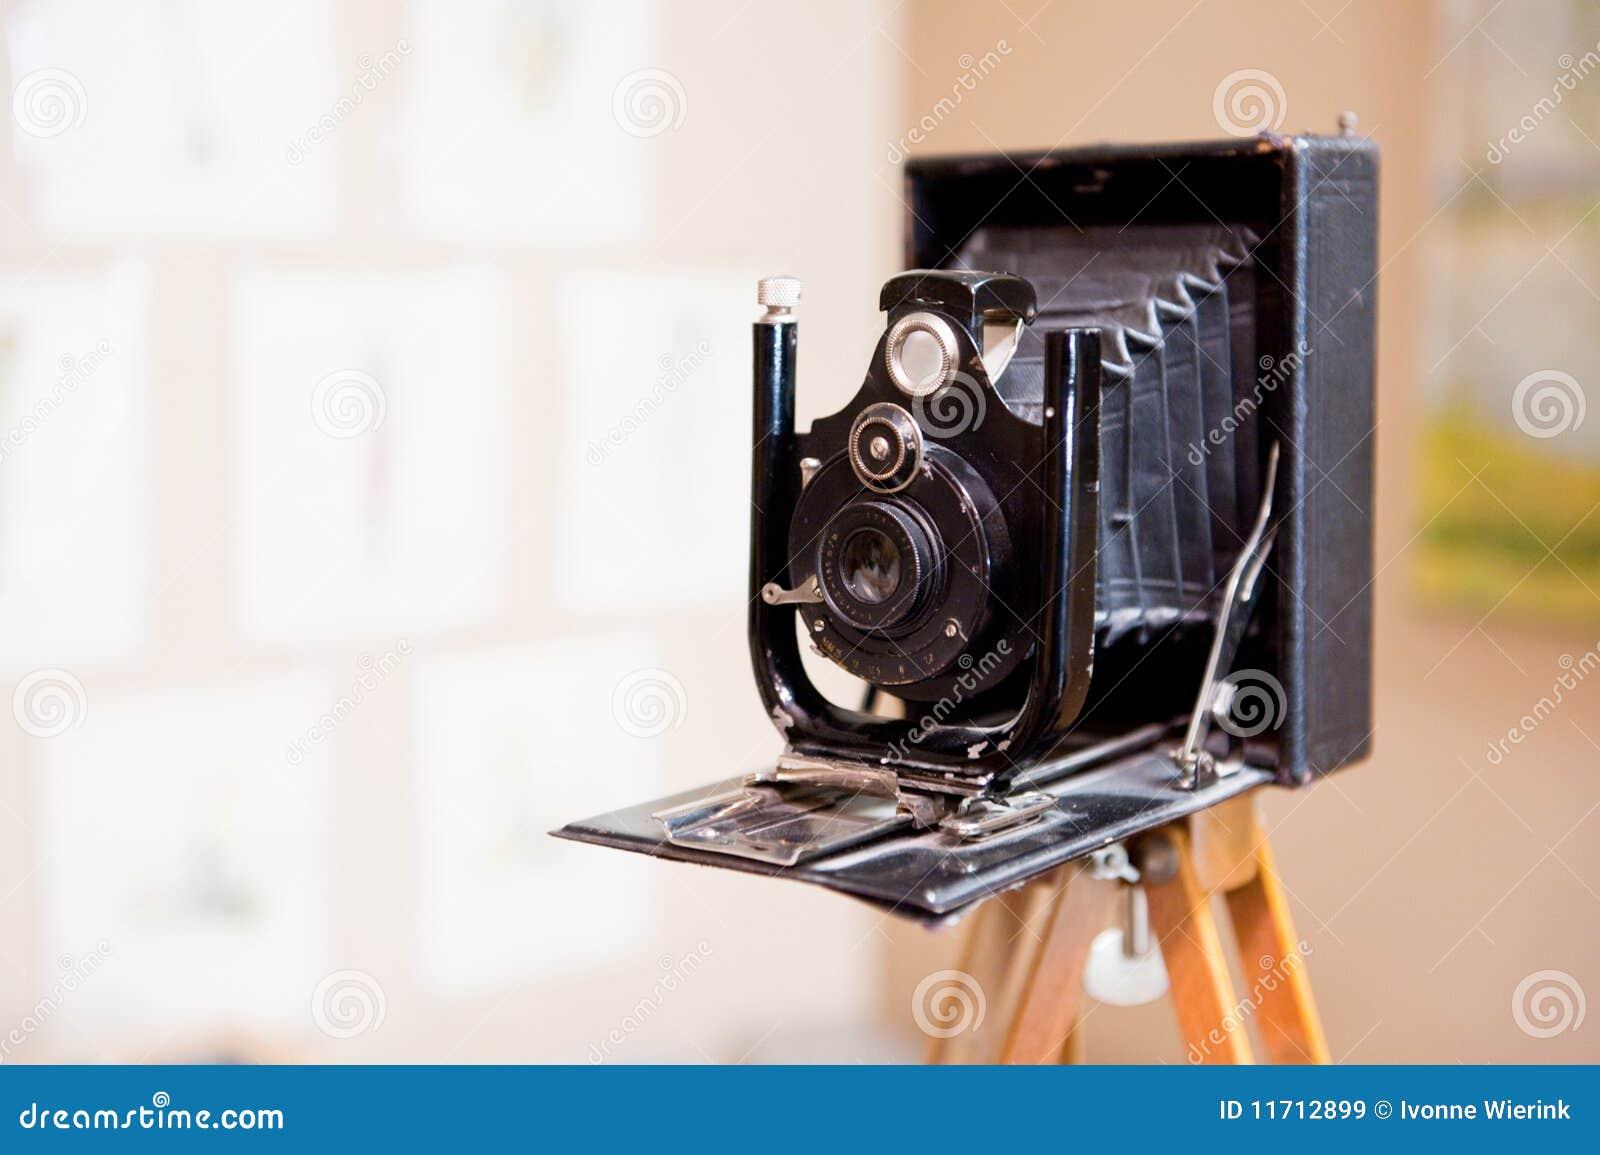 Antieke Fotocamera Royalty vrije Stock Afbeeldingen   Afbeelding  11712899